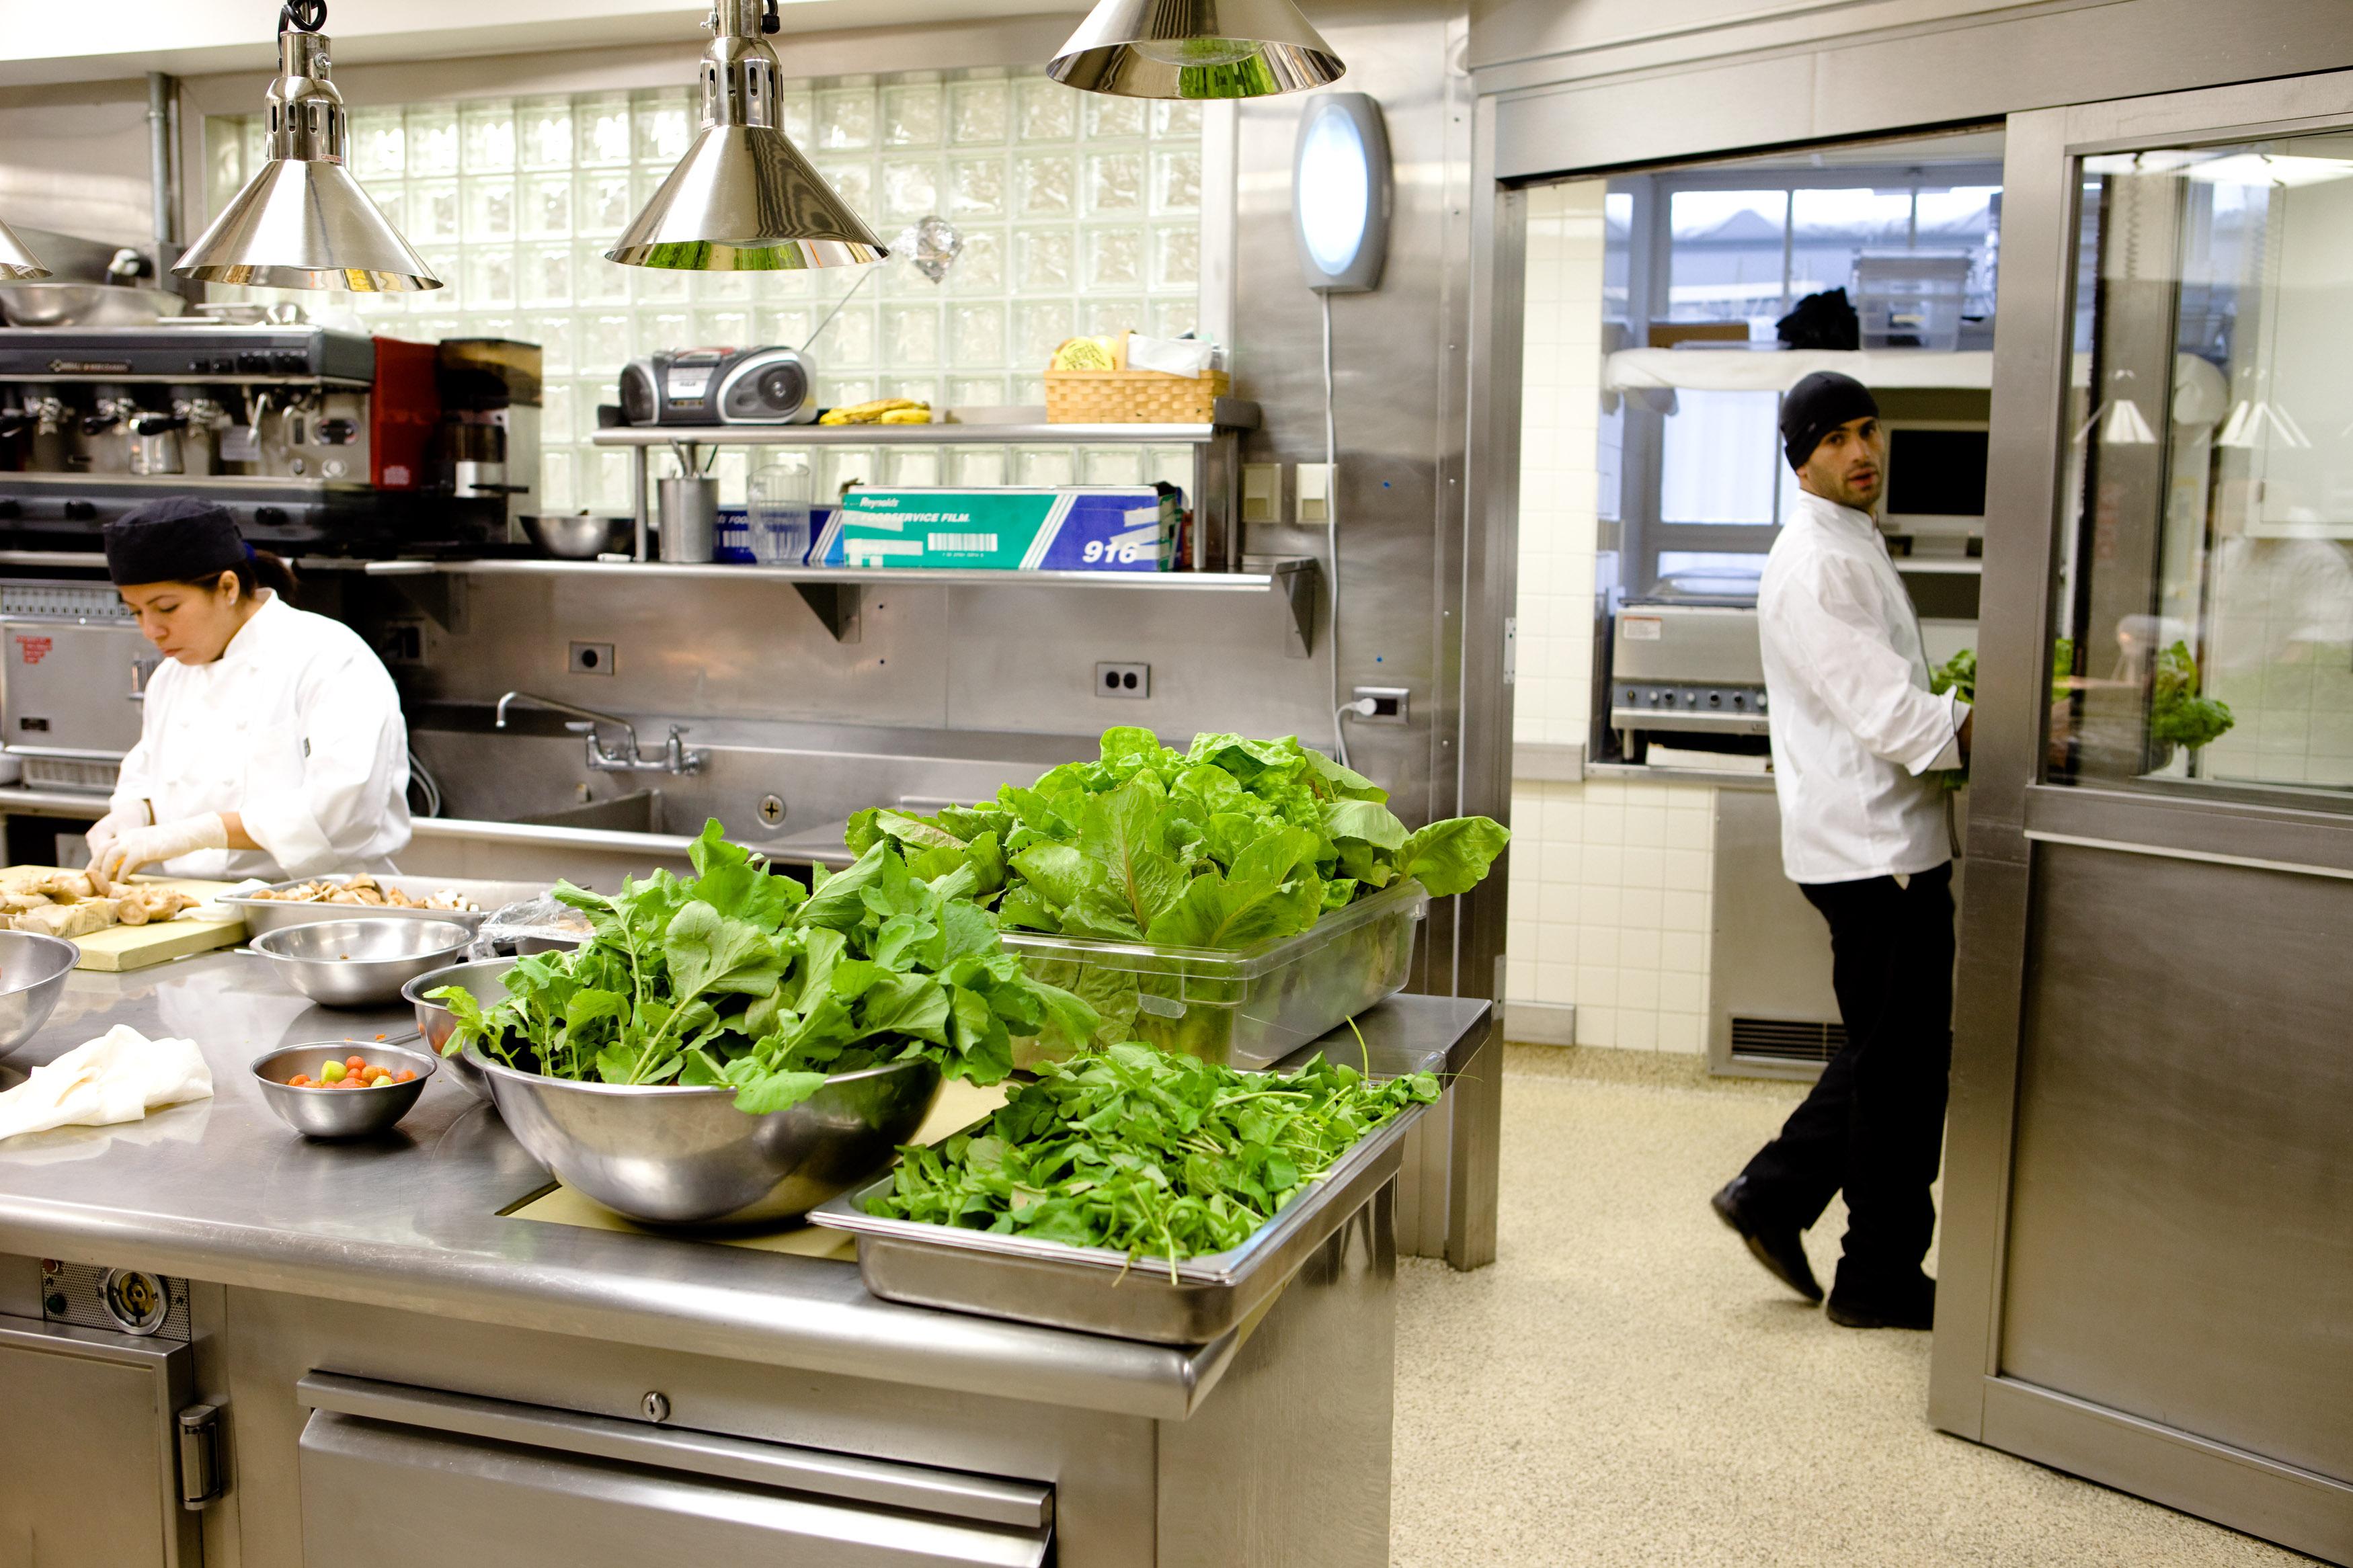 Cuisine (pièce) — Wikipédia